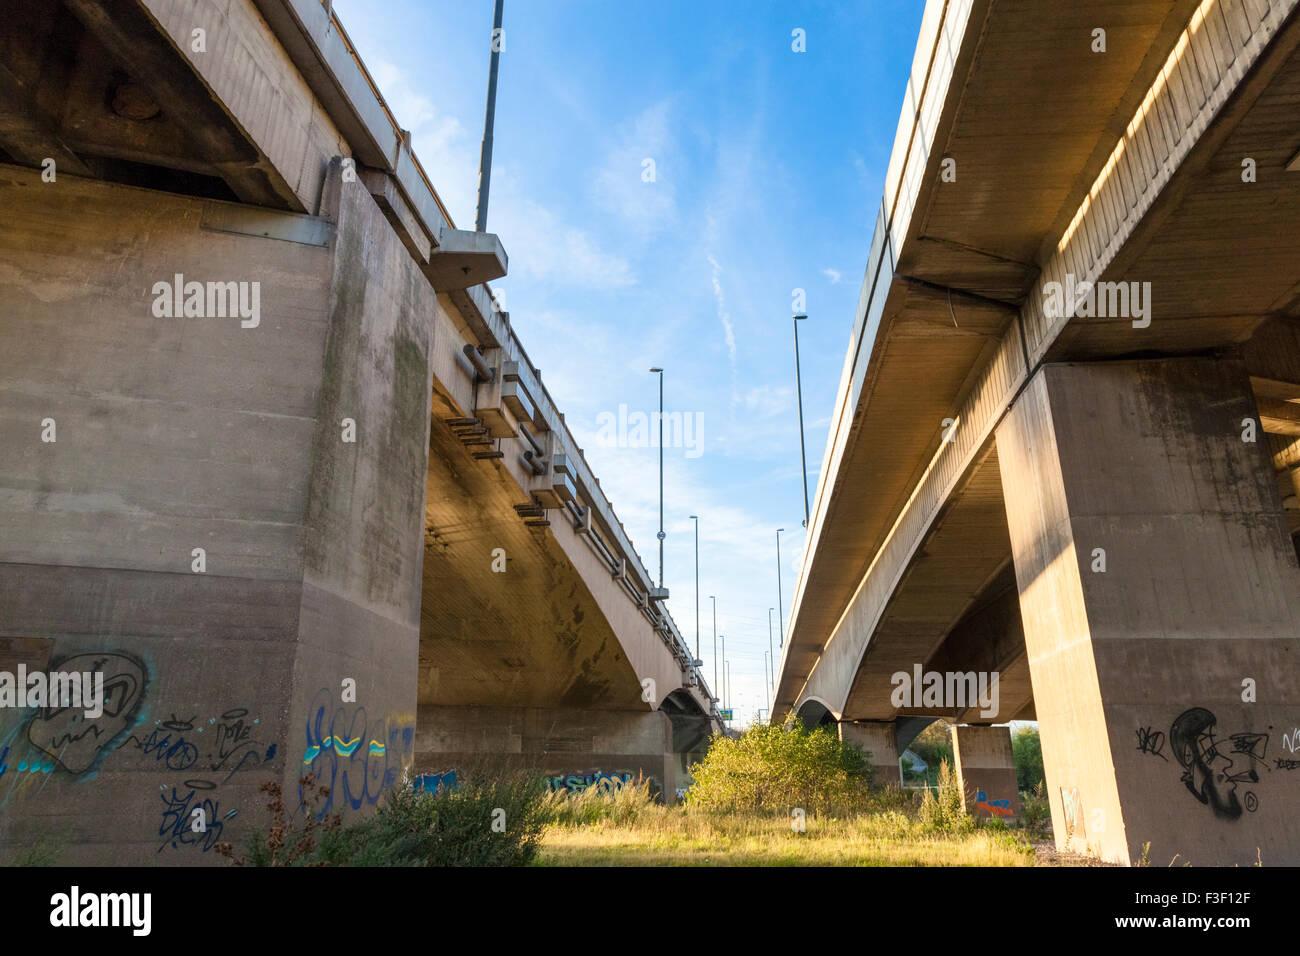 Road bridge from underneath. Clifton Bridge, Nottingham, England, UK - Stock Image